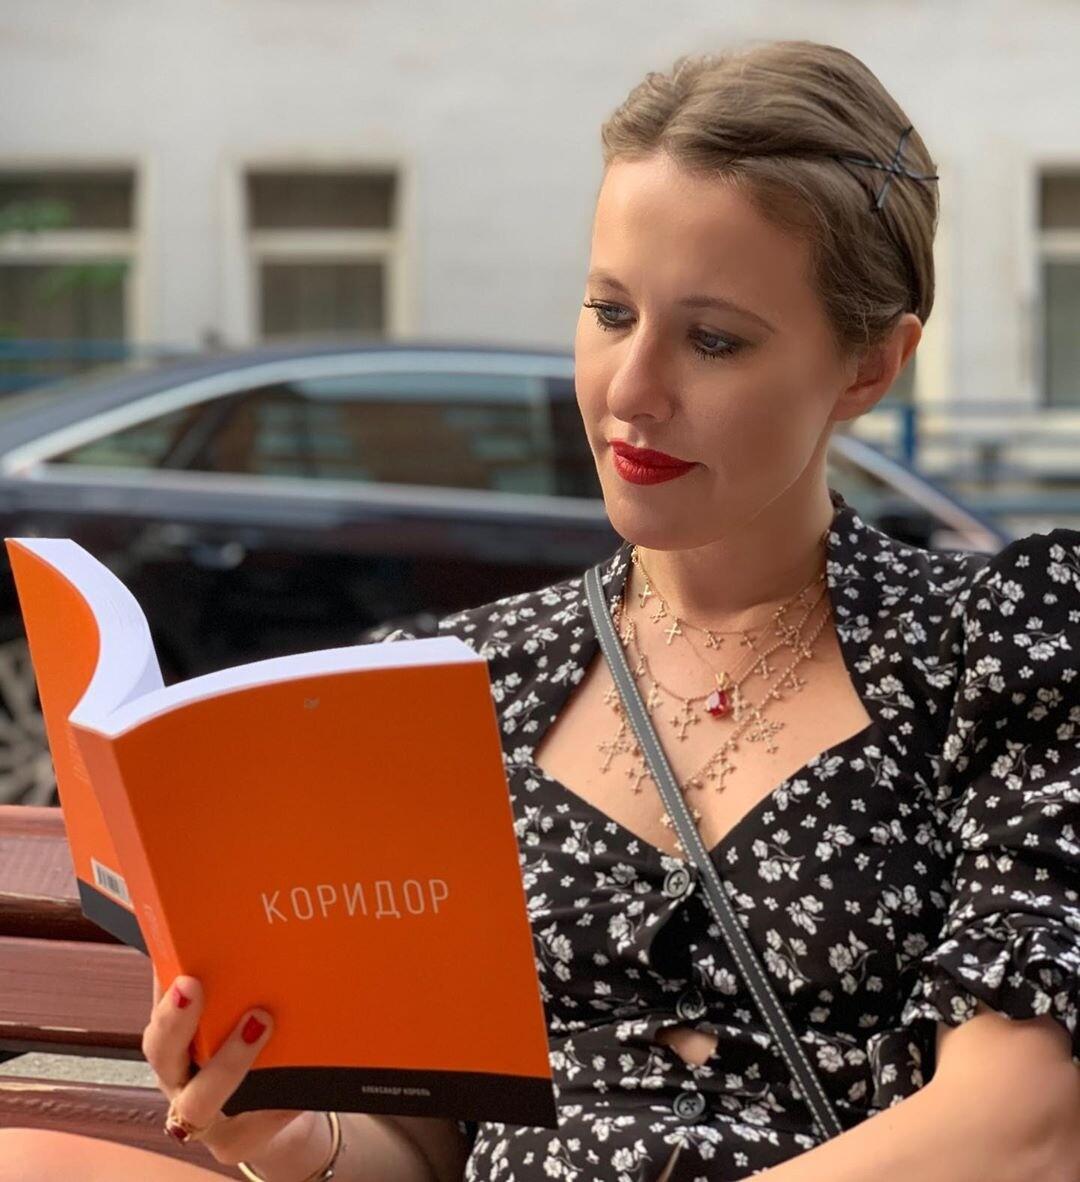 Ксении Собчак помогает худеть фотография Лободы (видео)